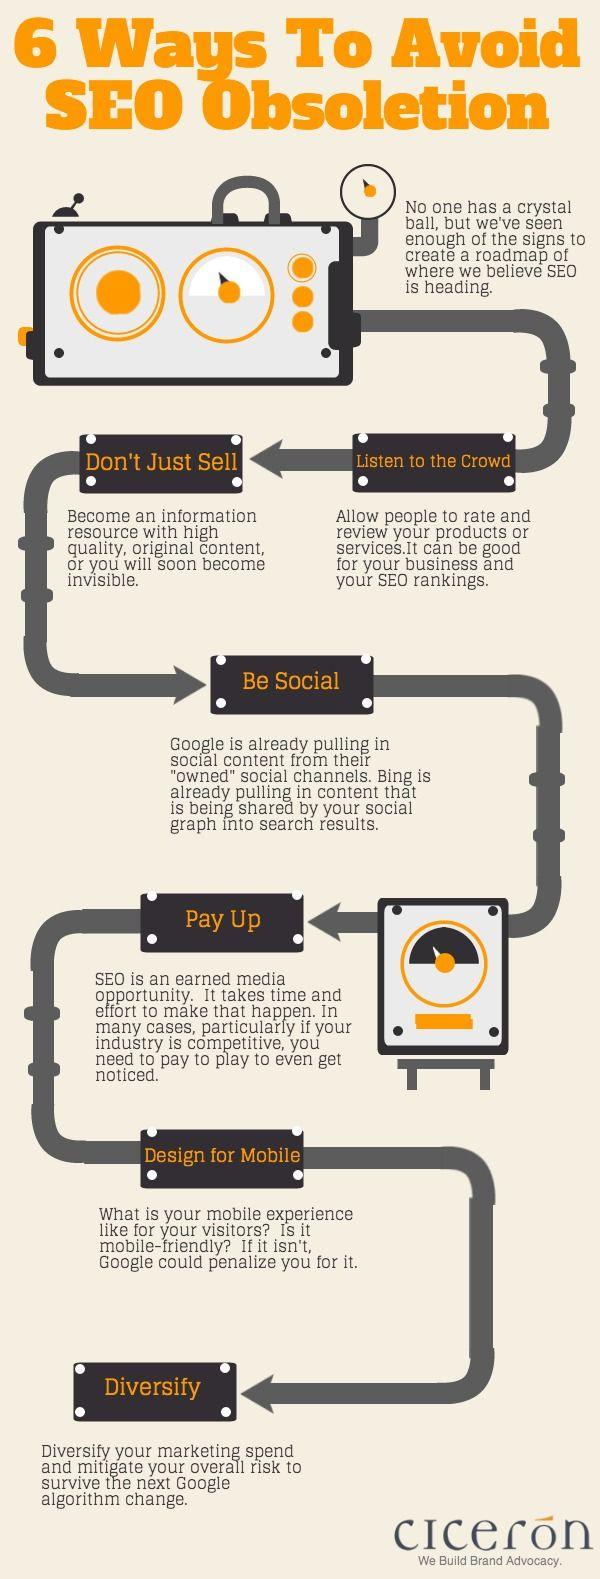 6 Ways to Avoid SEO Obsoletion